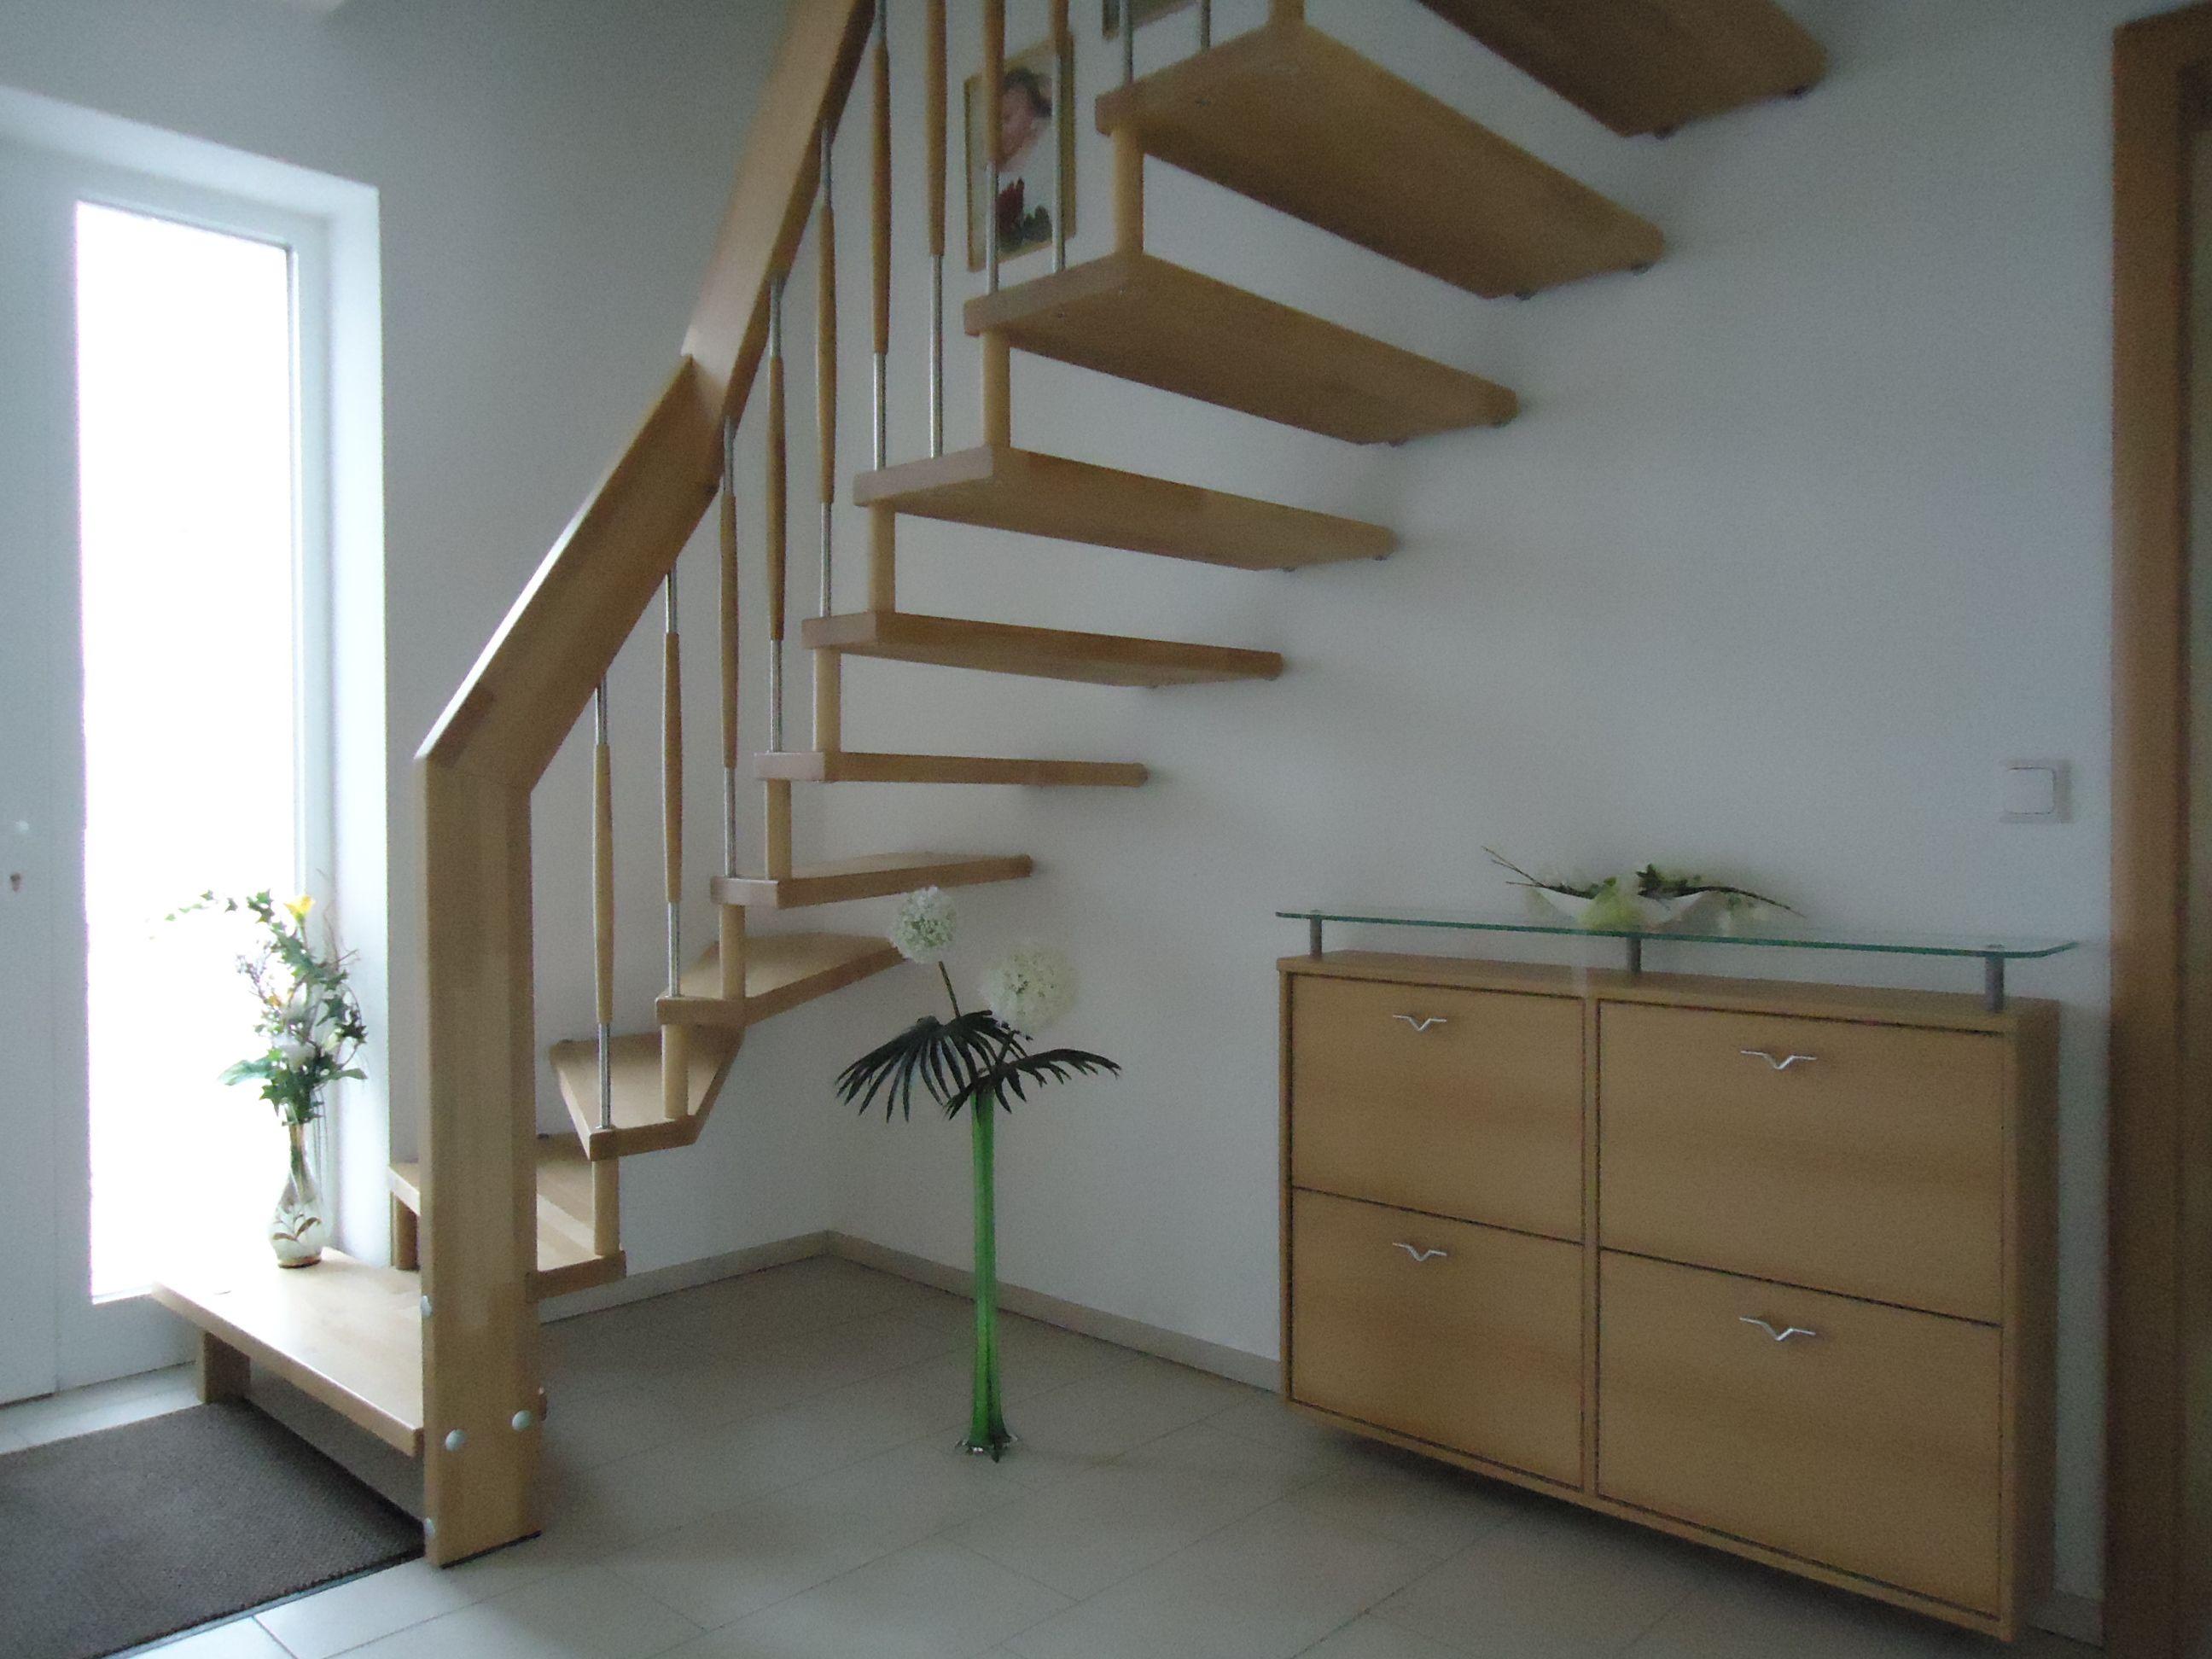 Treppen architektur design  Freitragende Holztreppe Buche direkt vom Hersteller Unnerstall ...